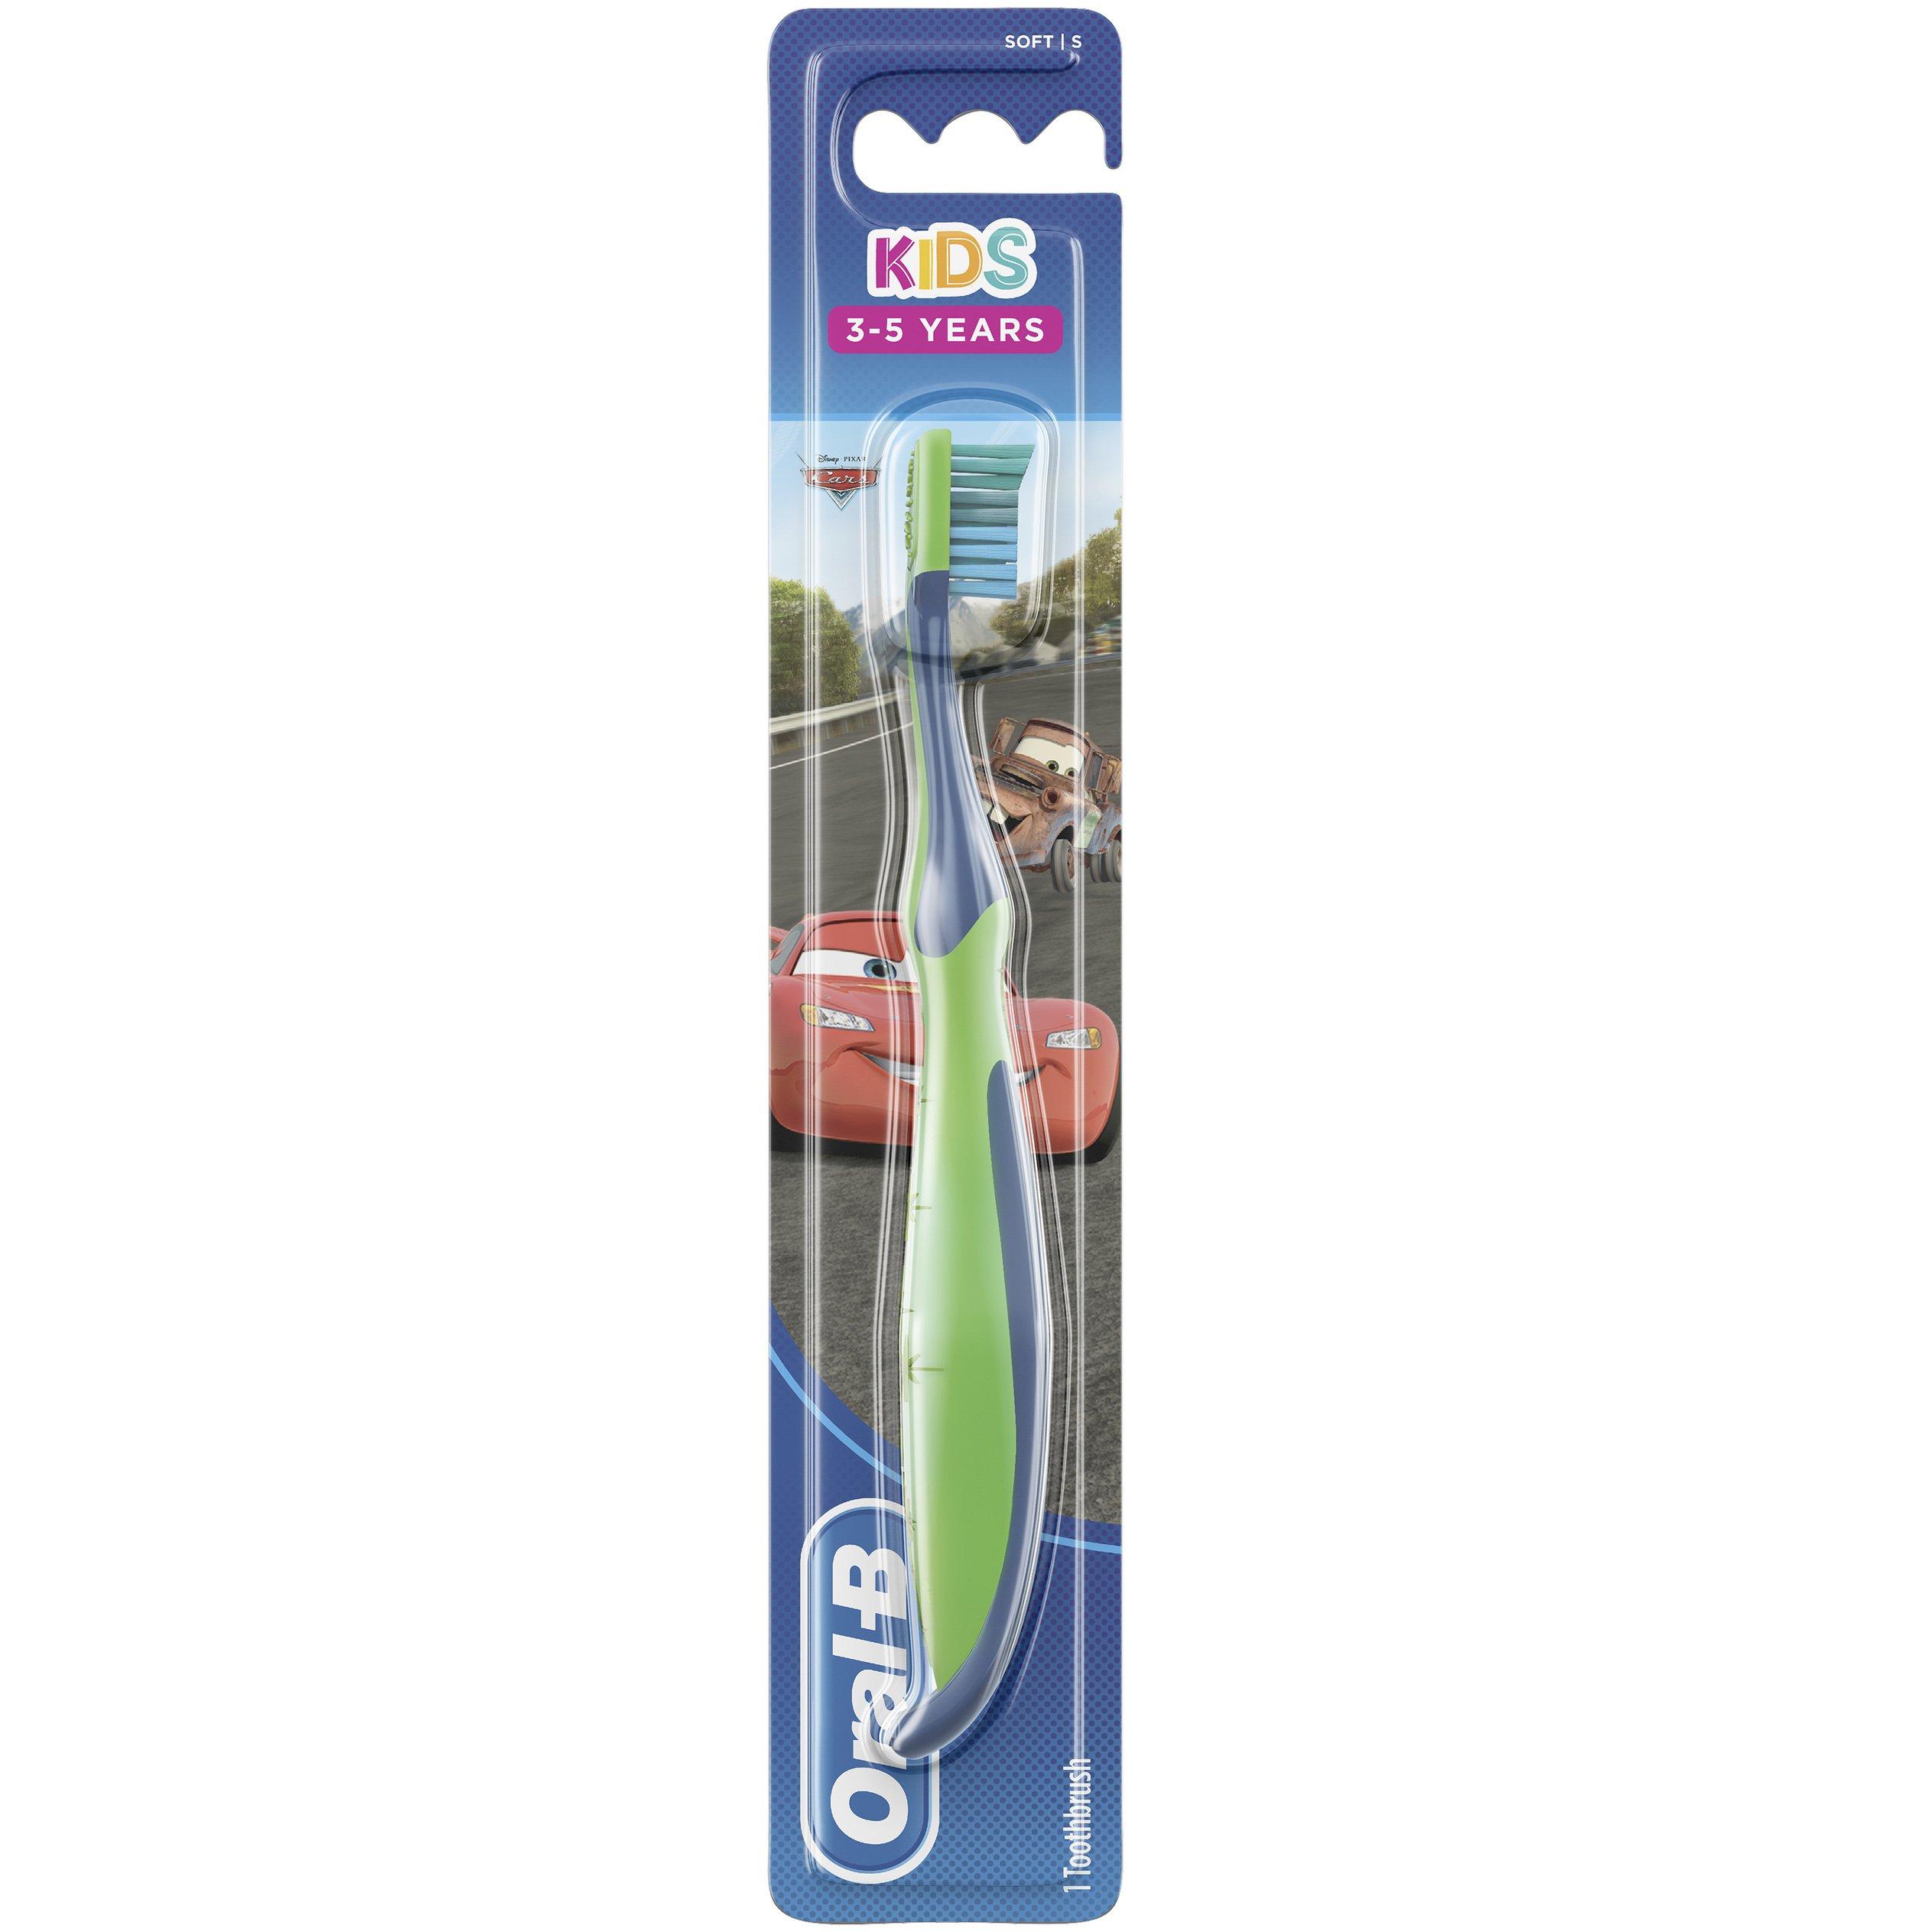 Oral-B Kids Cars Χειροκίνητη Παιδική Οδοντόβουρτσα Soft, 3-5 Ετών 1 Τεμάχιο – κόκκινο